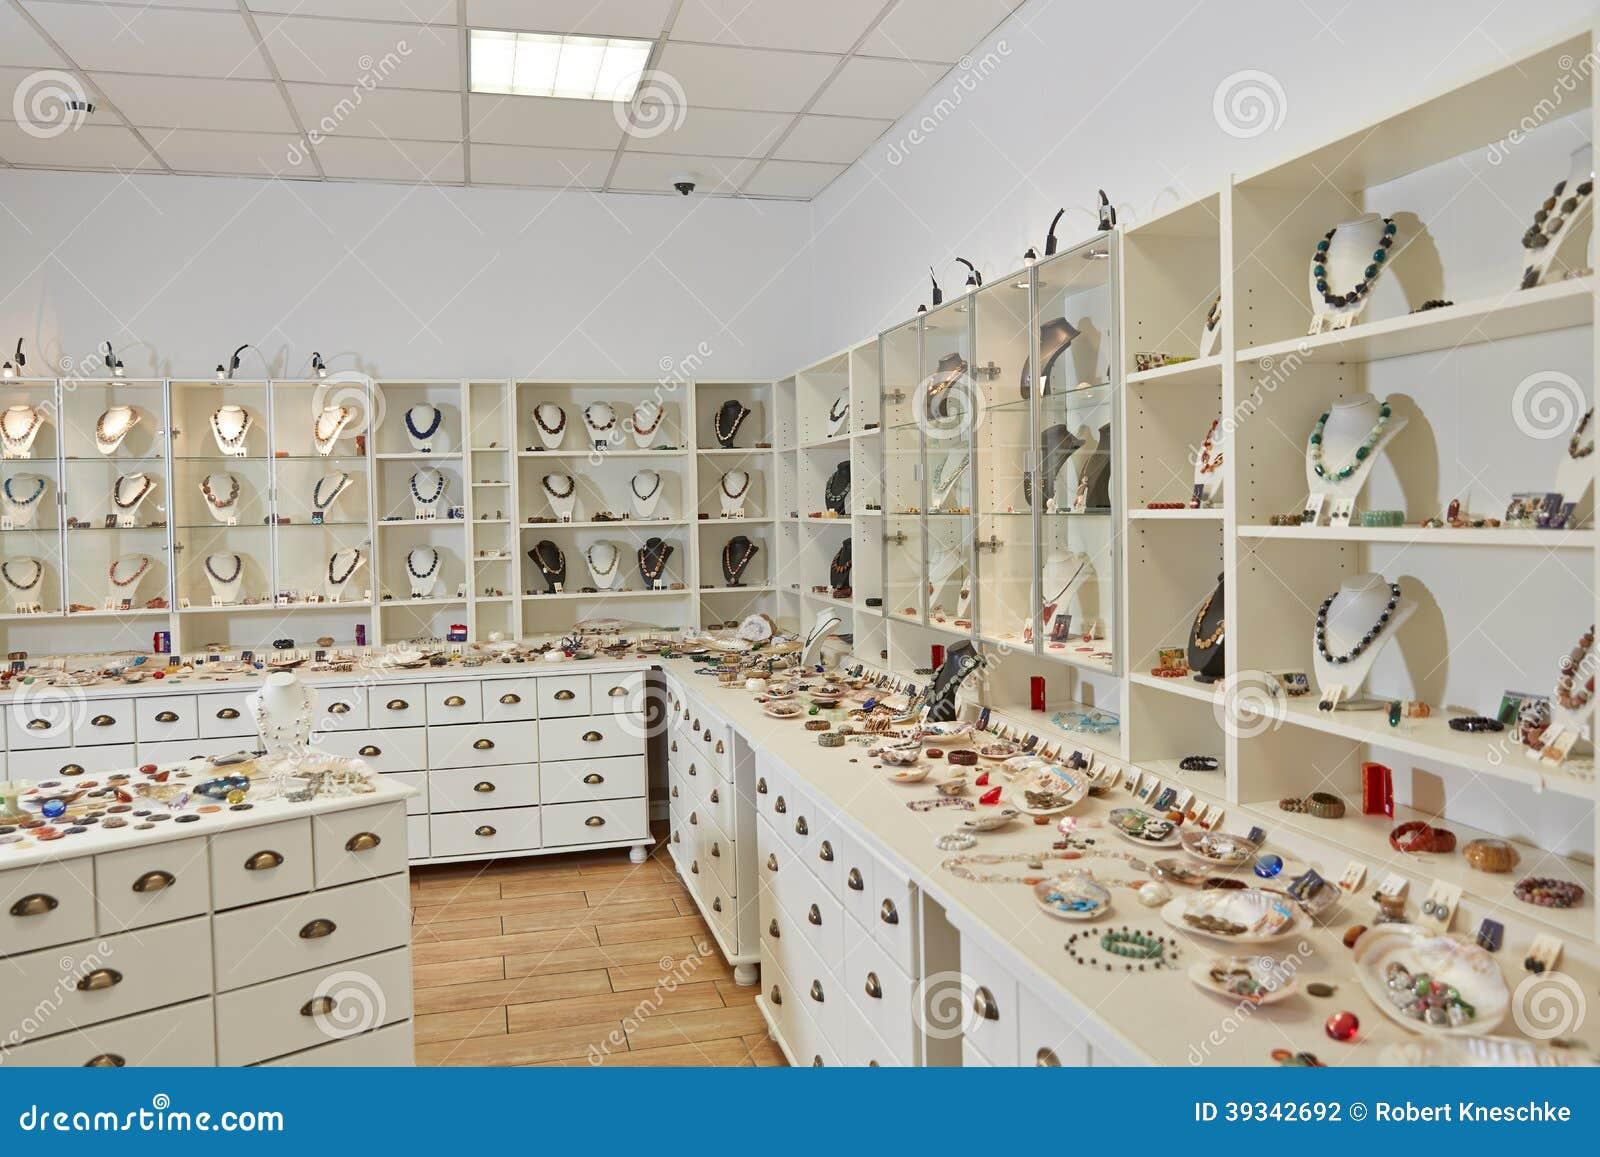 D coration int rieure des bijoux photo stock image 39342692 for Plan de decoration interieure